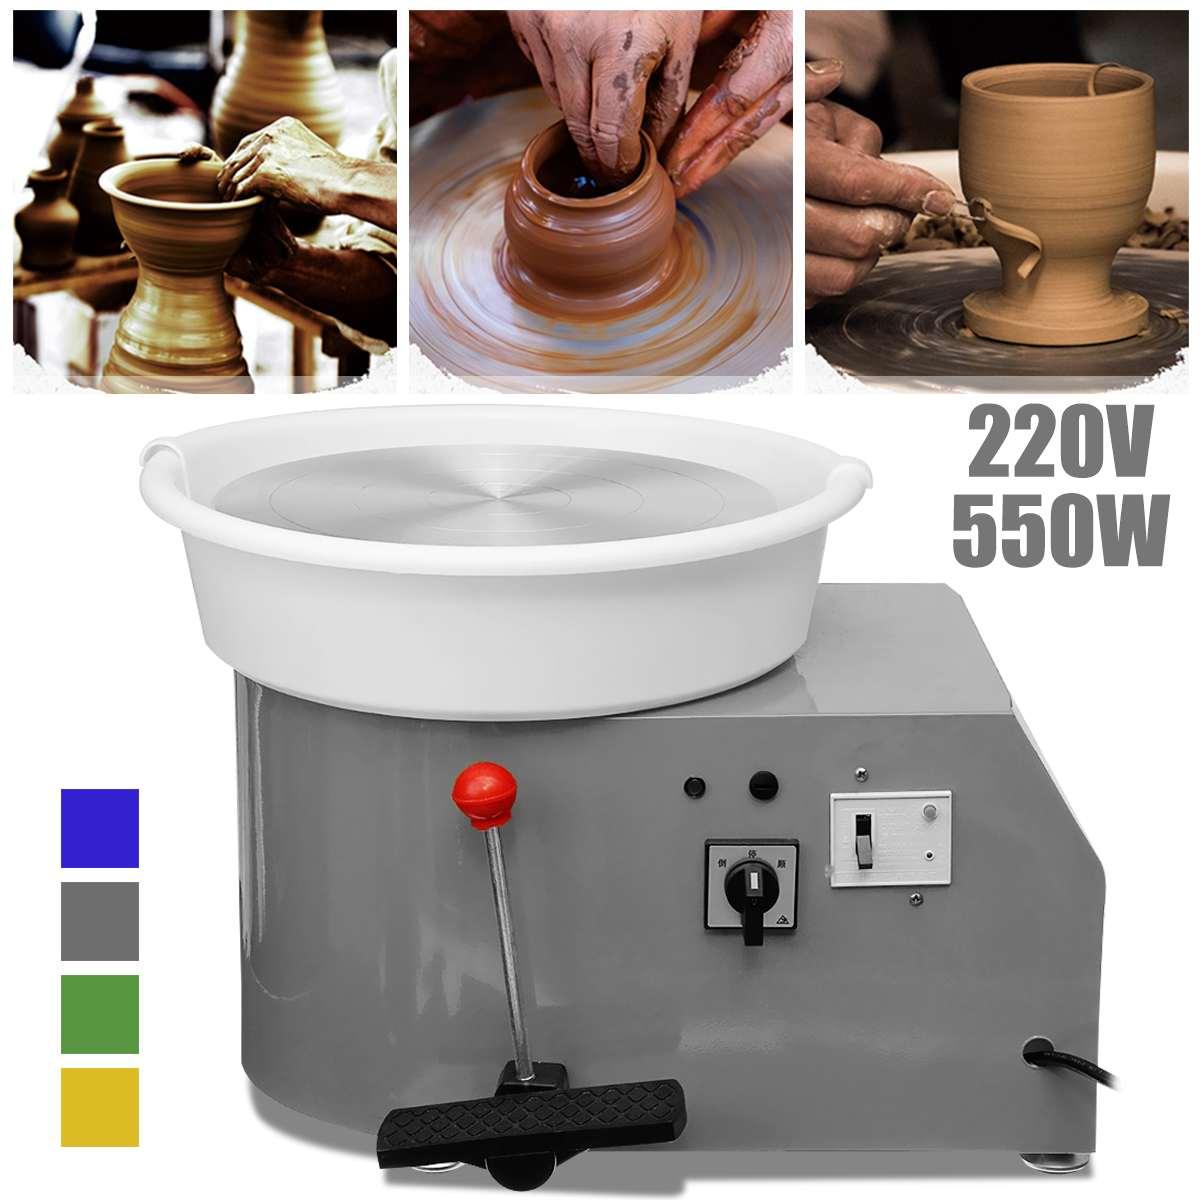 220 V 550 W Électrique Poterie Roue En Céramique Machine 300mm argile céramique Potter Kit Pour Travail En Céramique Céramique